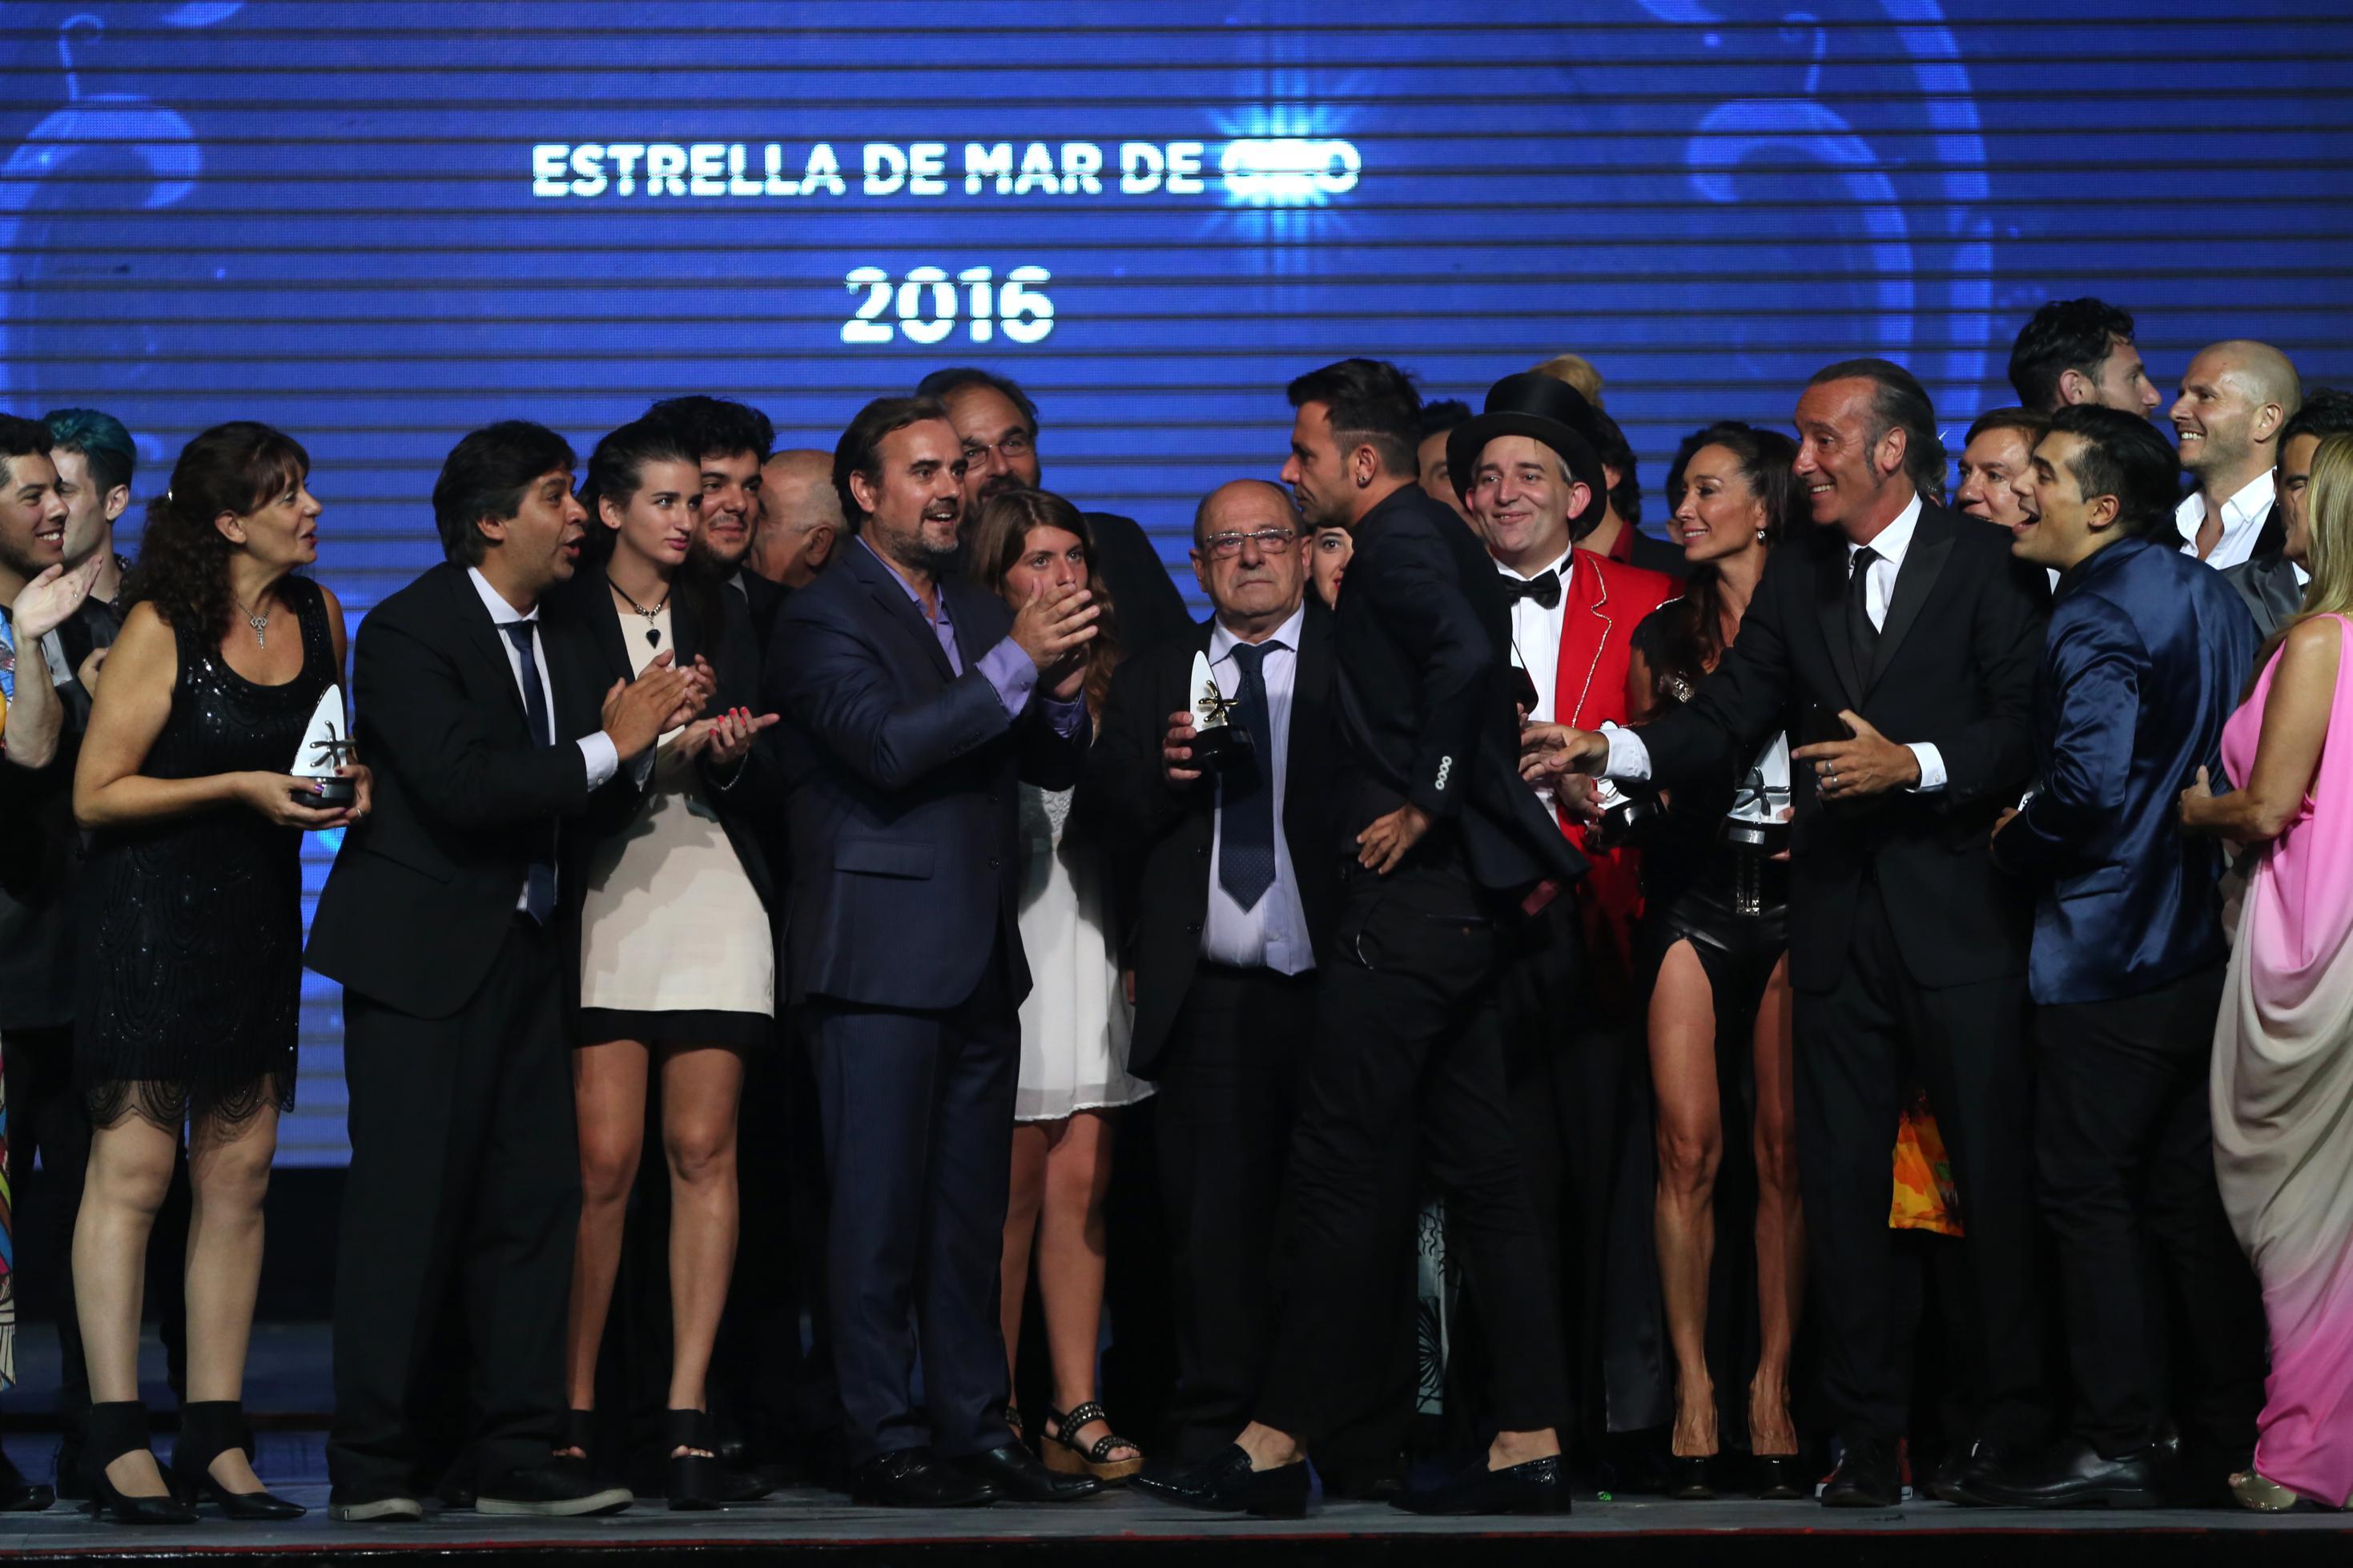 Martín Bossi ganó el Premio Estrella de Mar de Oro